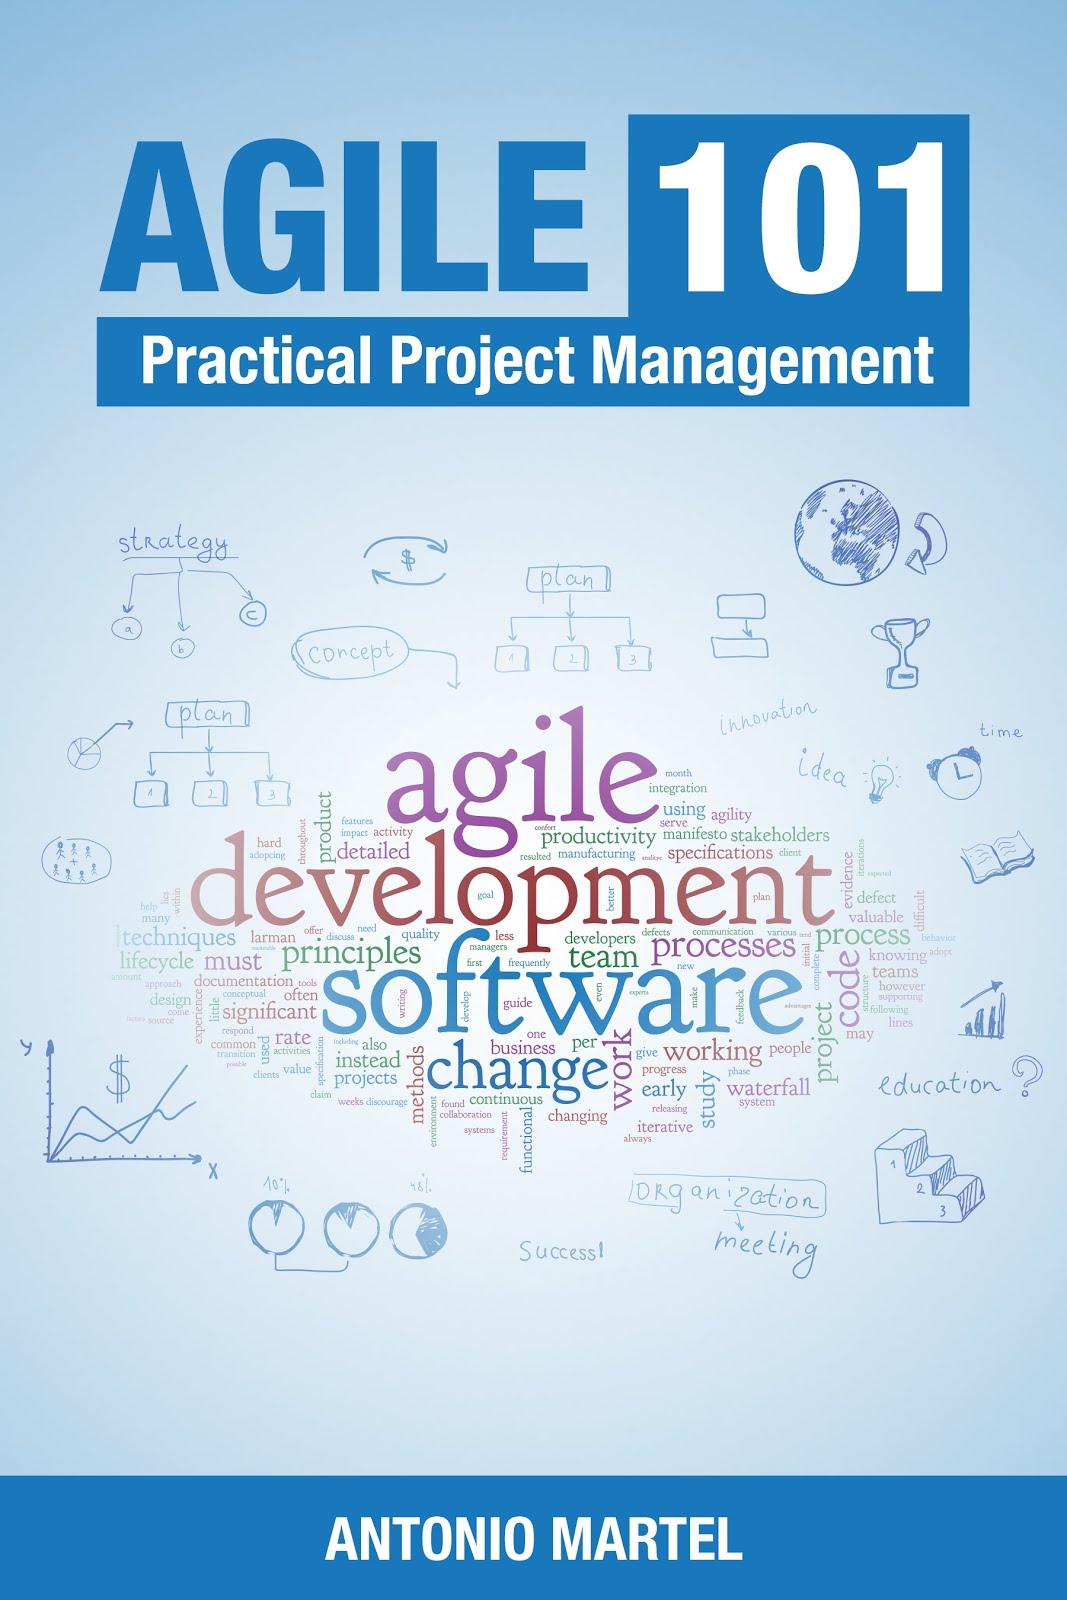 Agile 101 book